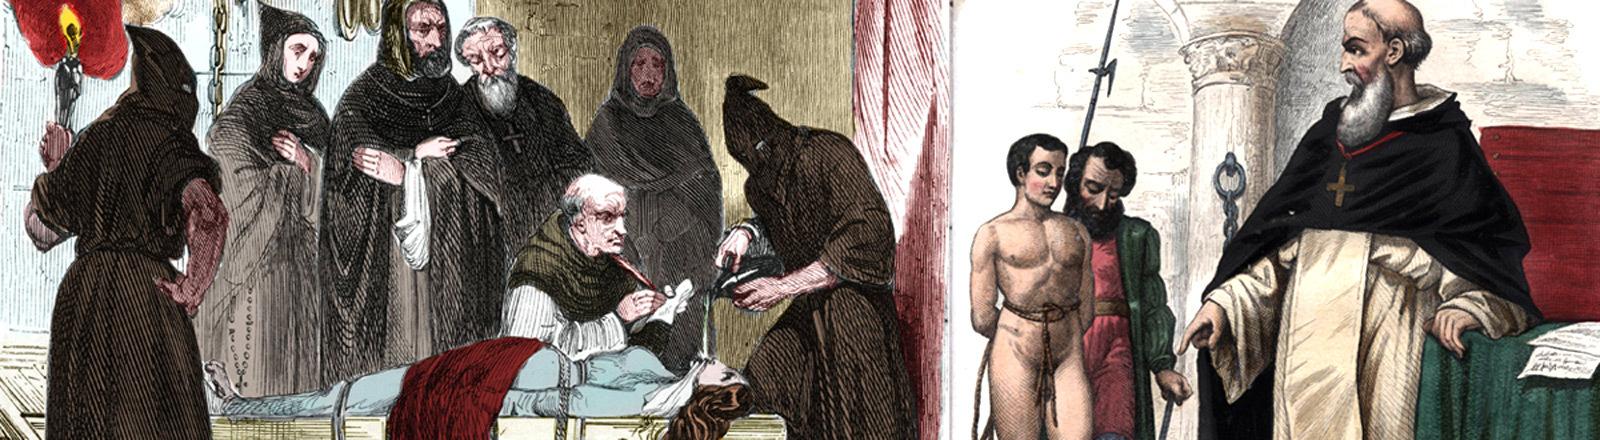 Spanische Inquisition: Angeklagte werden gefoltert.